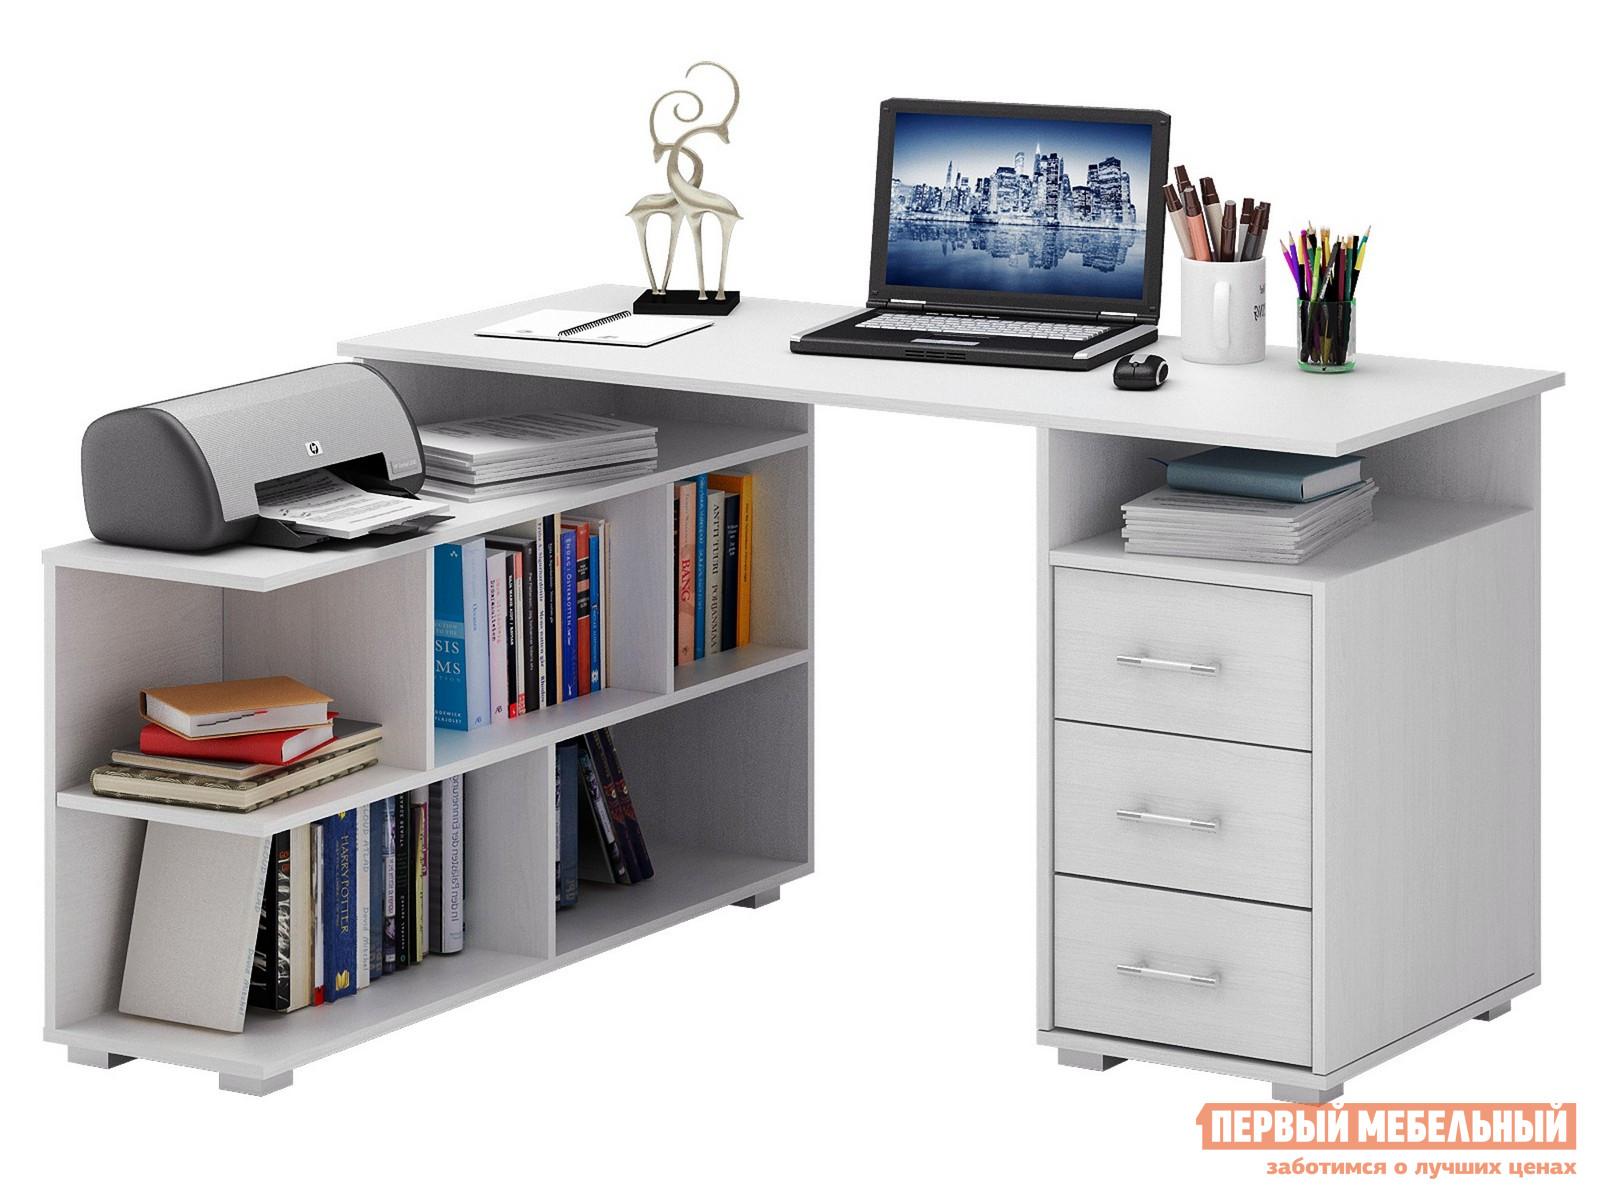 Купить угловой стол для школьника в самаре компьютерные стол.